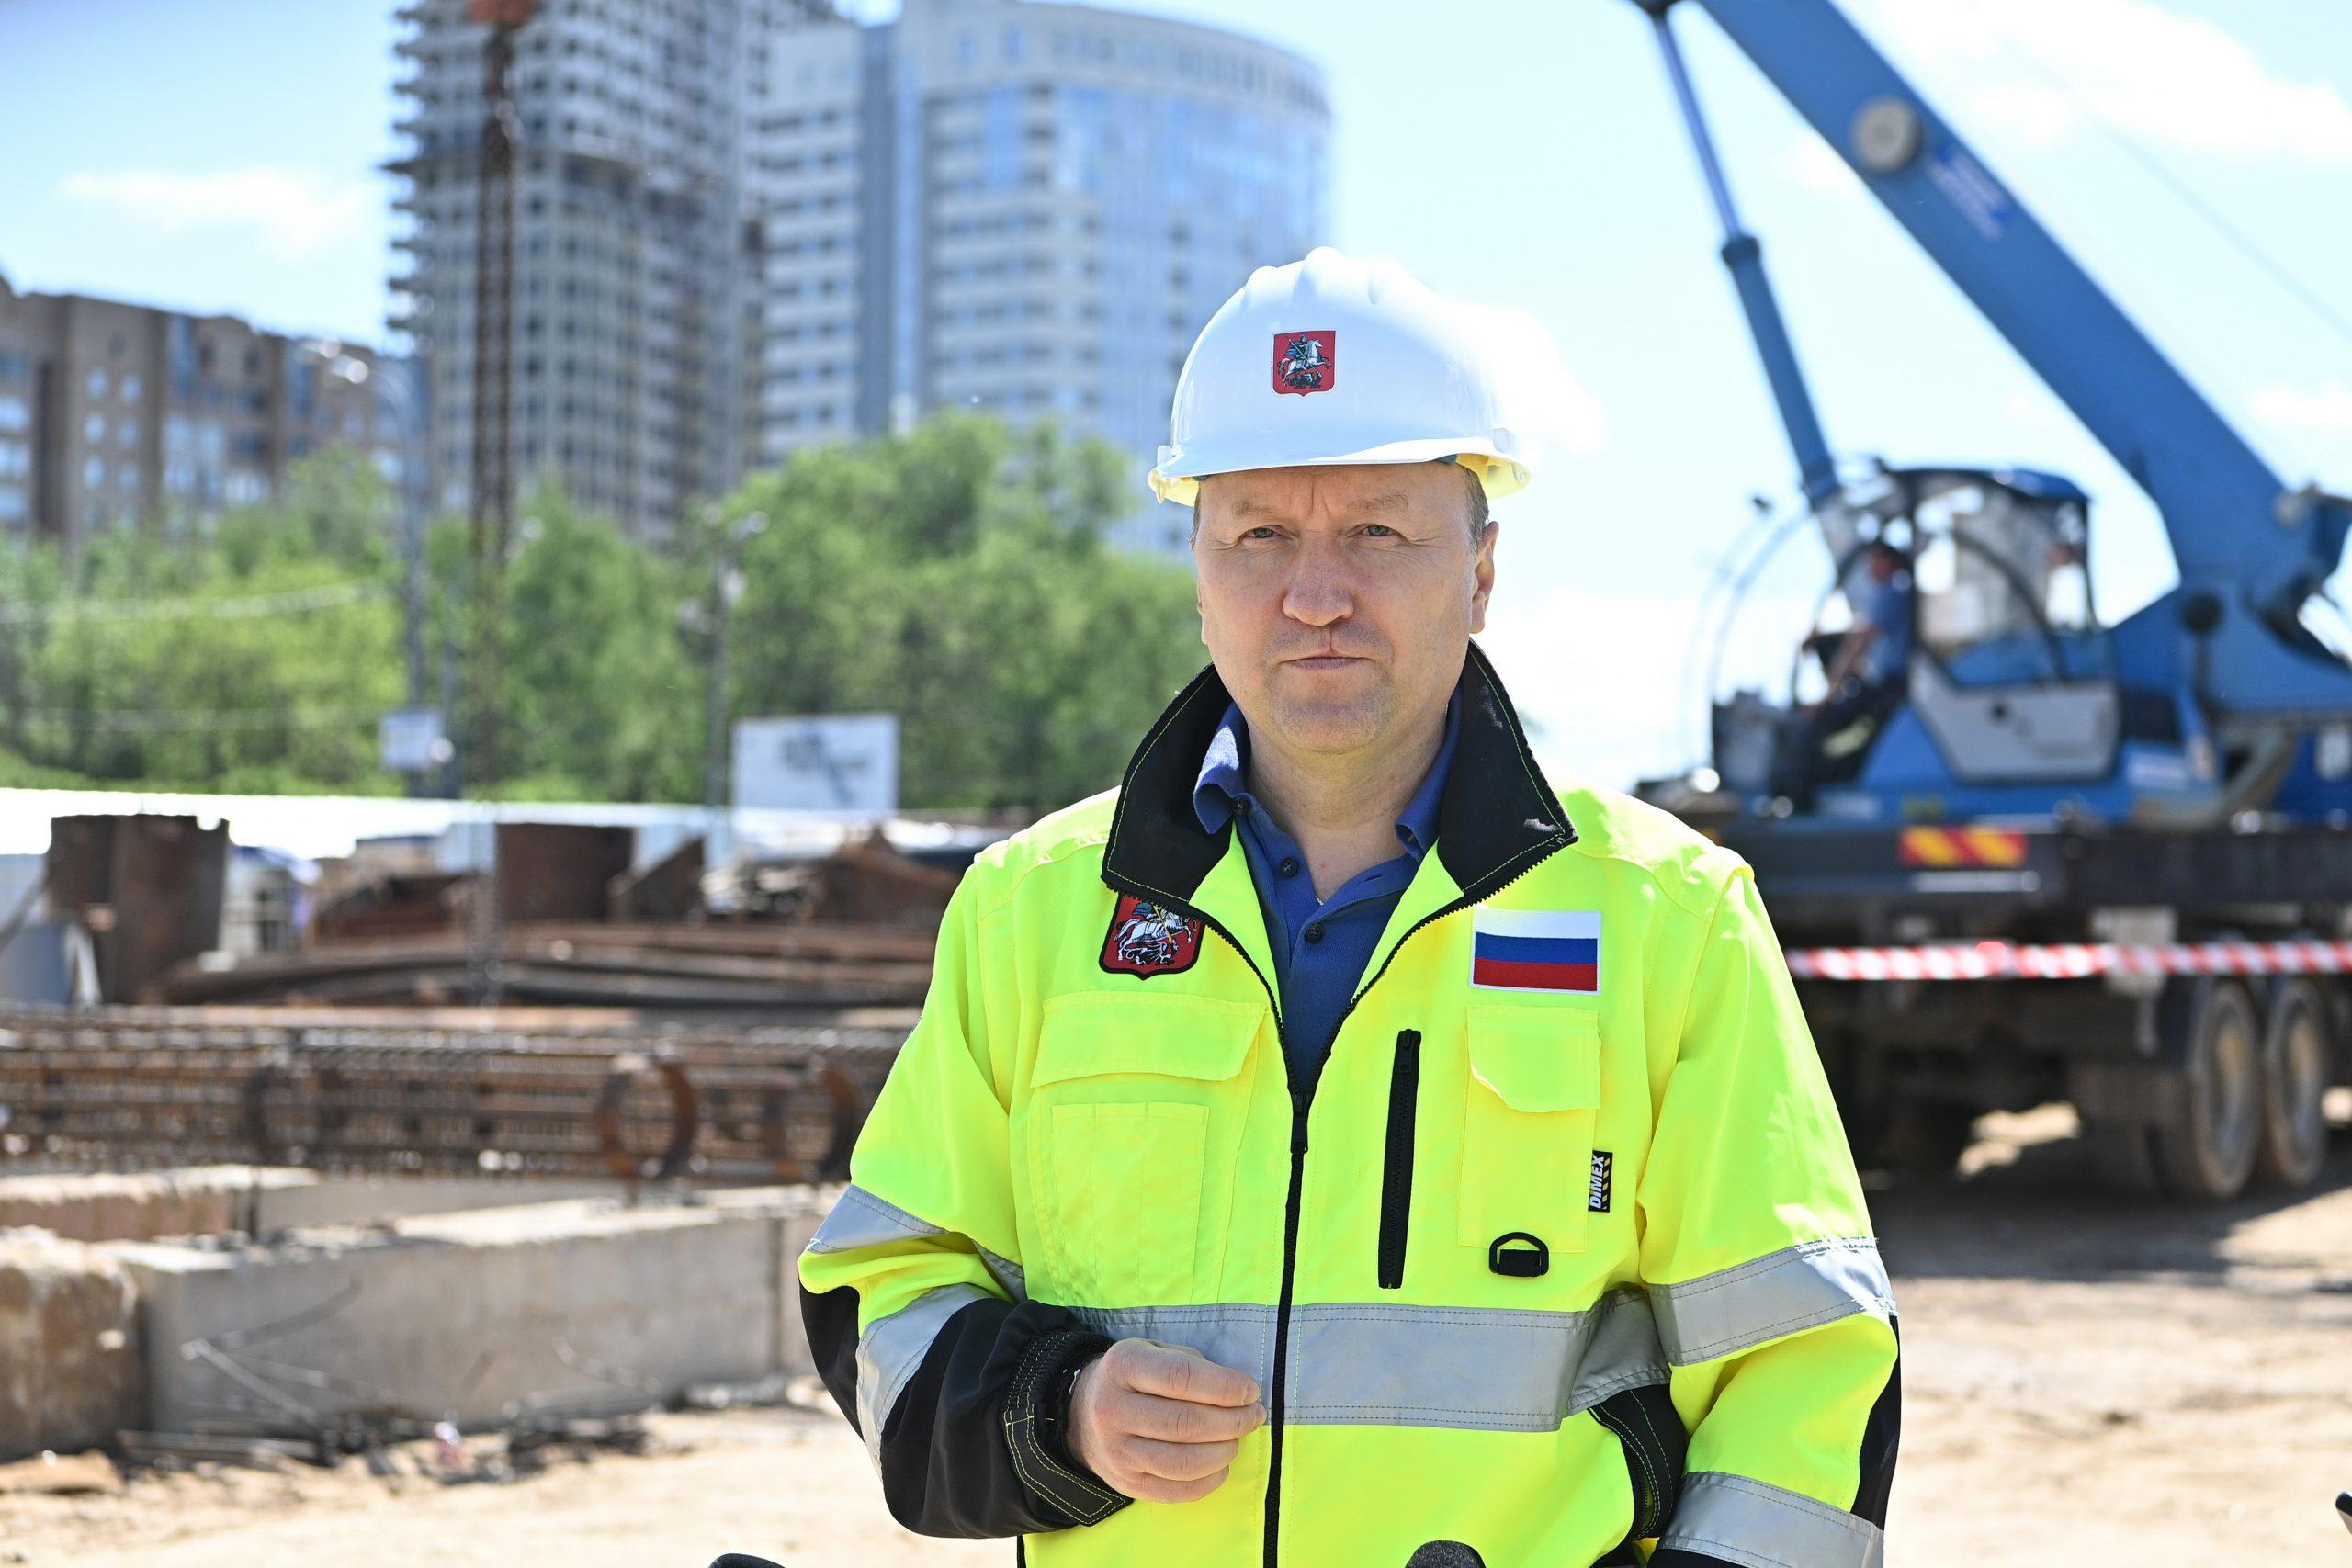 Андрей Бочкарев: Переселение более, чем 40 тысяч человек организовано в Москве с начала программы реновации